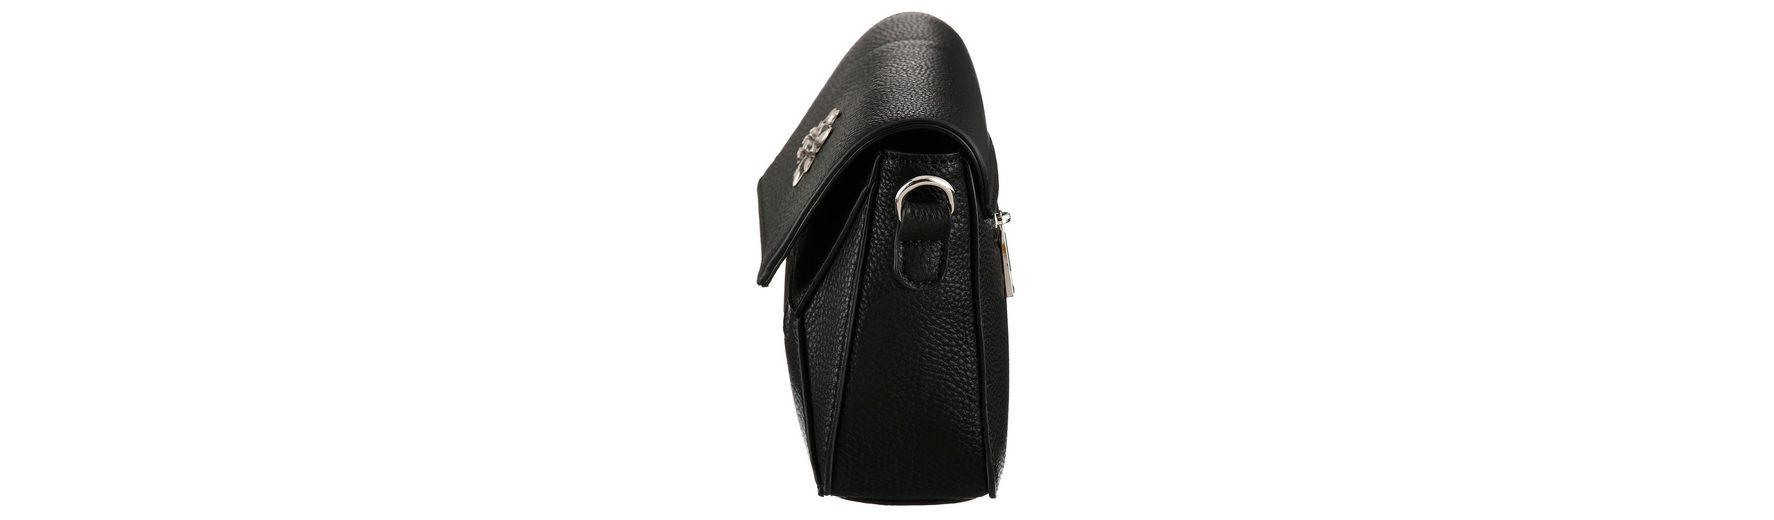 Günstig Kaufen Sast Klimm Trachtentasche mit Edelweiß-Appliaktion Einkaufen vQ5HiWRUx